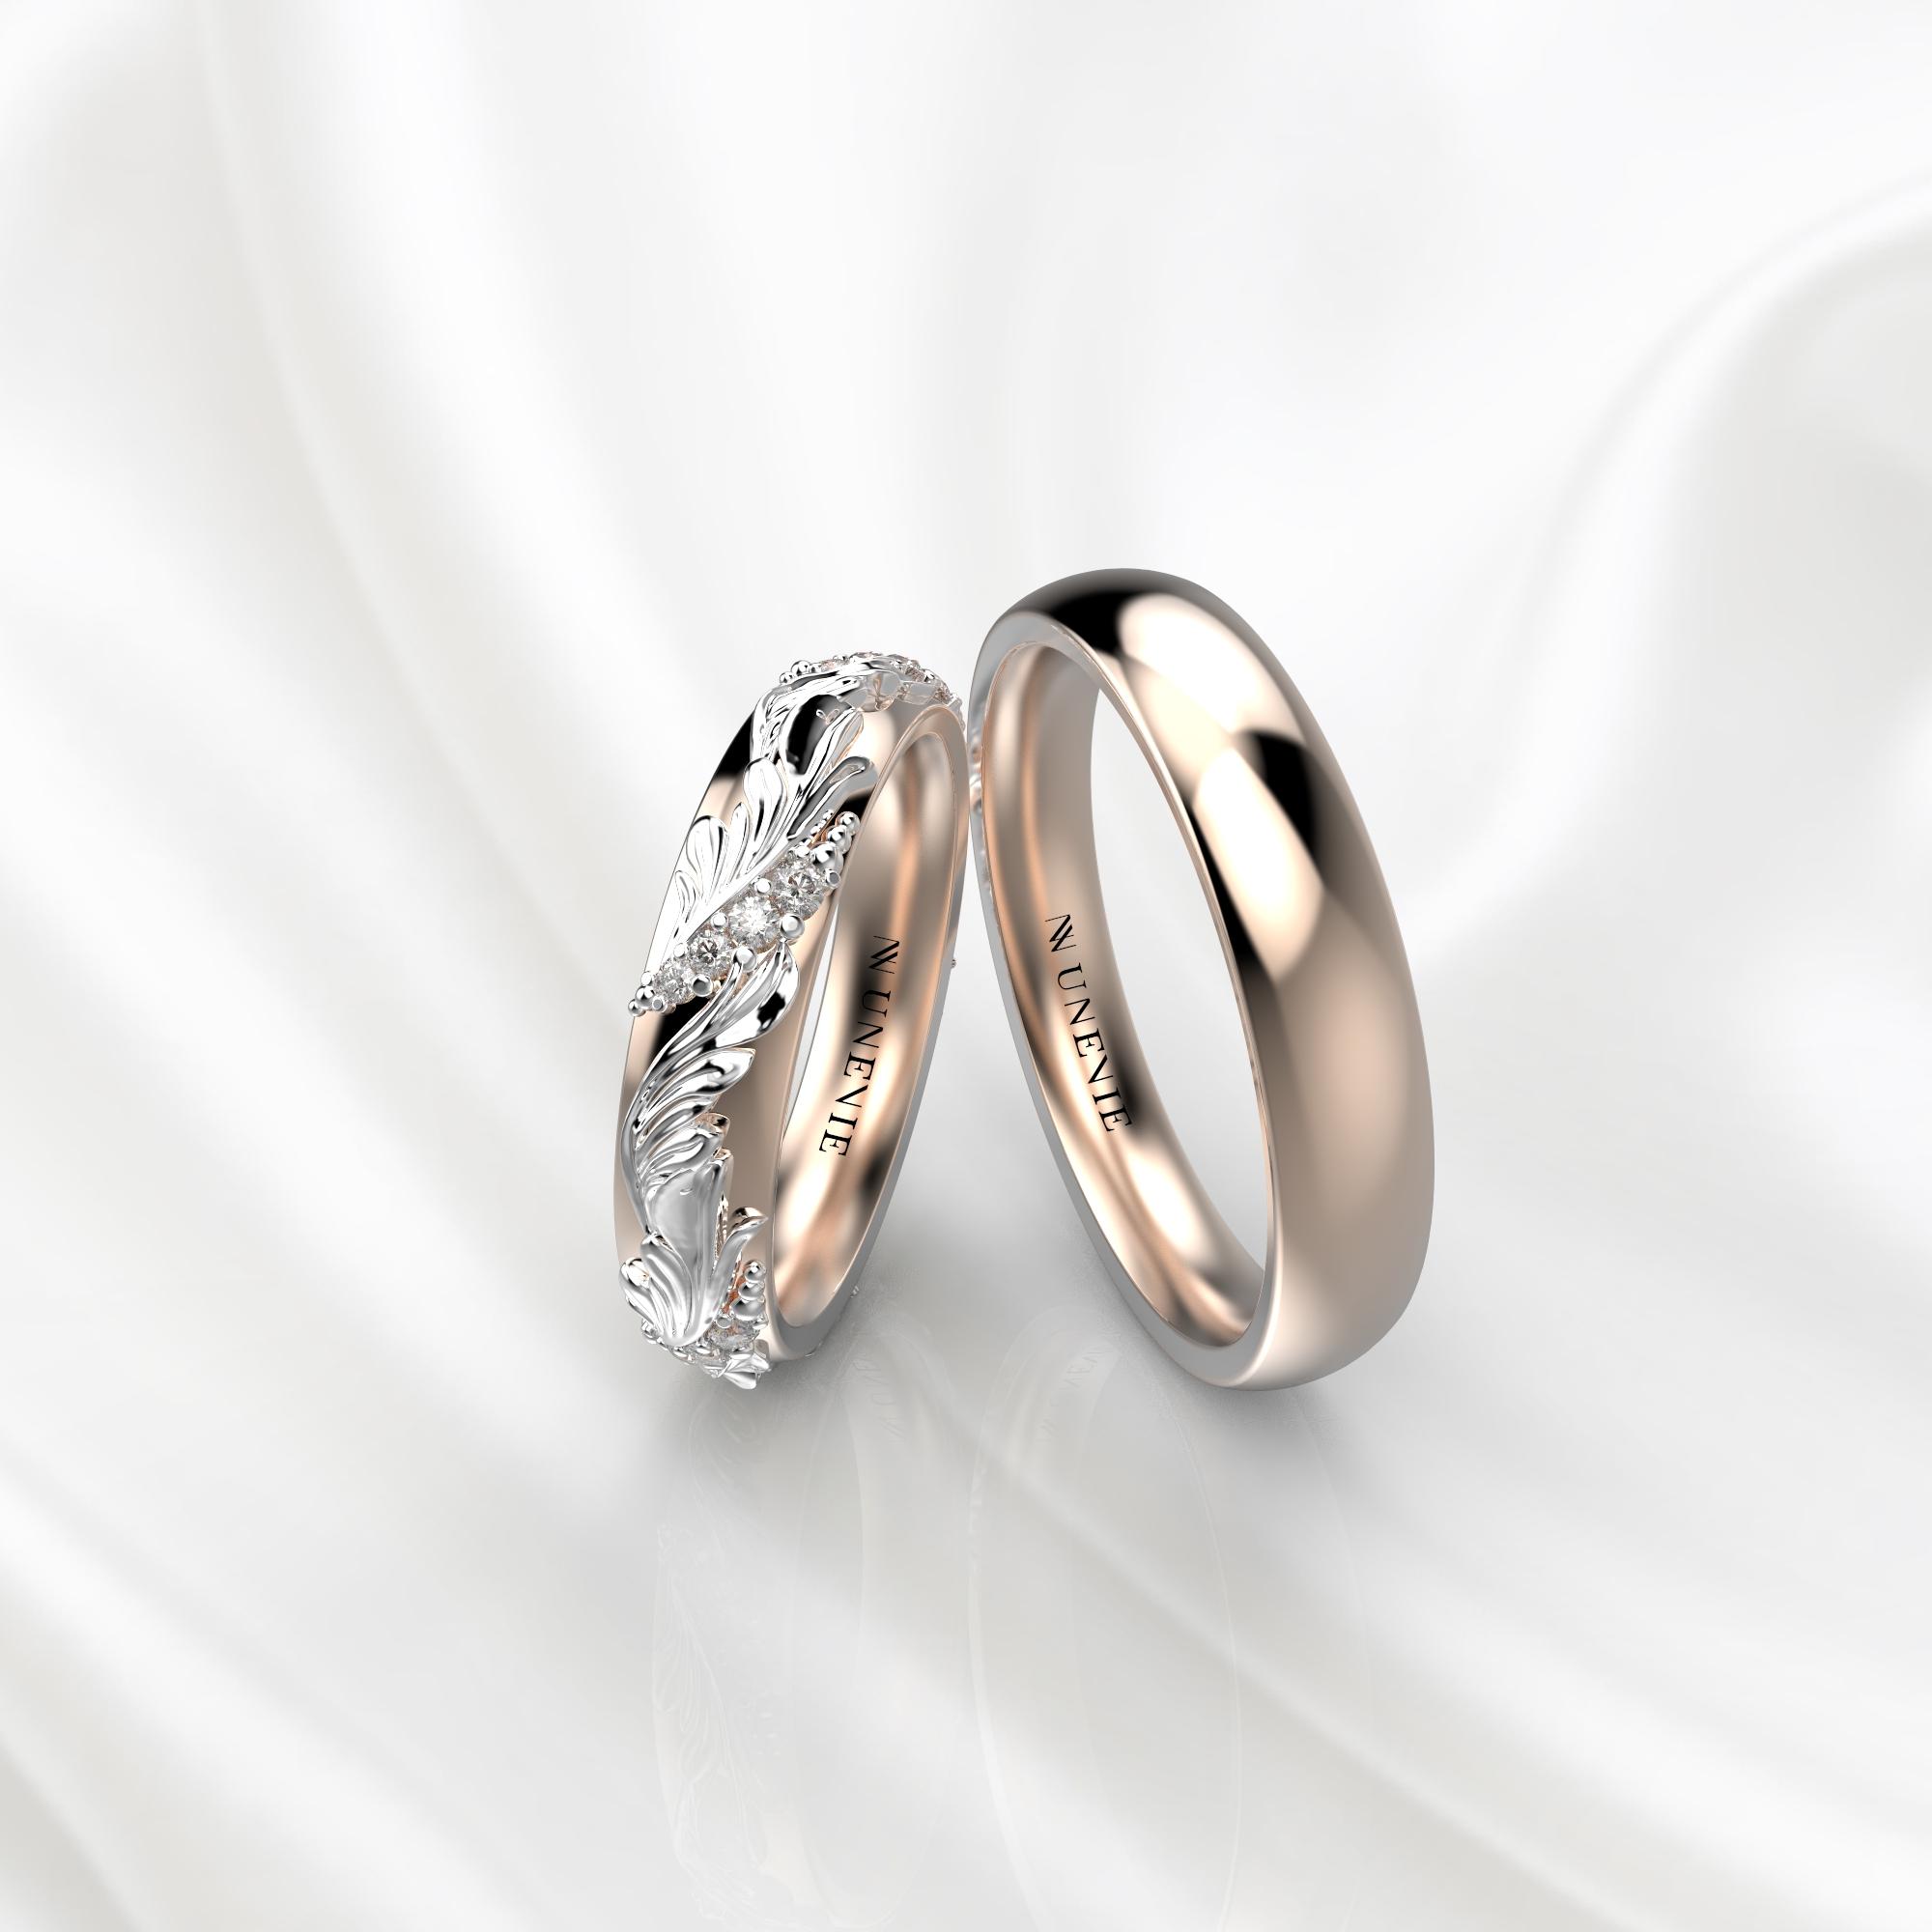 Ажурные обручальные кольца из розово-белого золота с бриллиантами